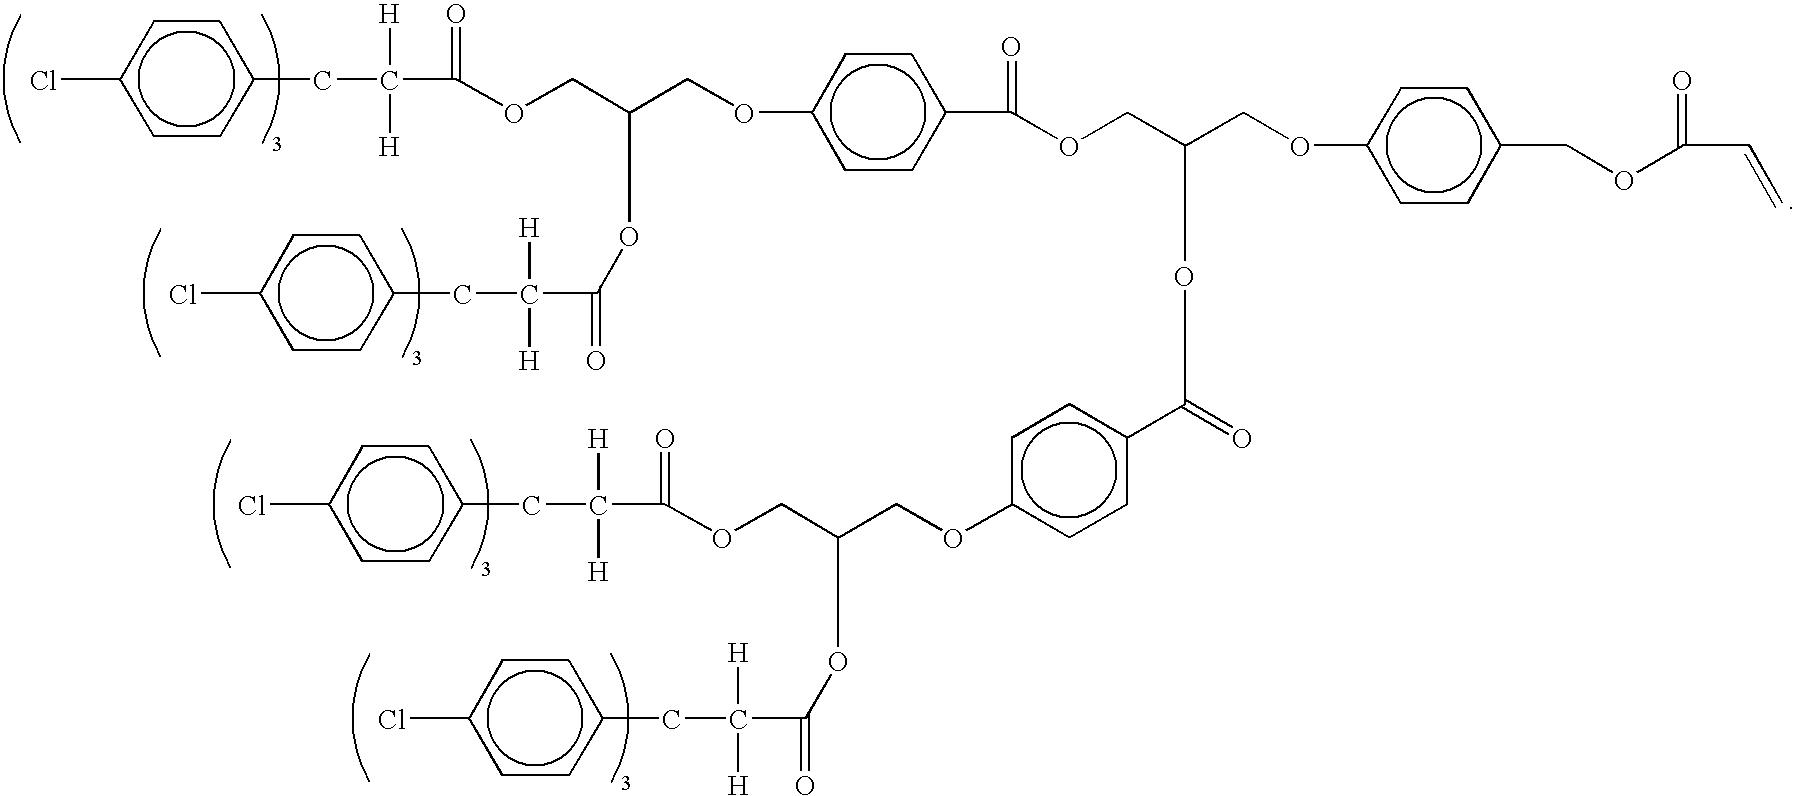 Figure US20100273096A1-20101028-C00036